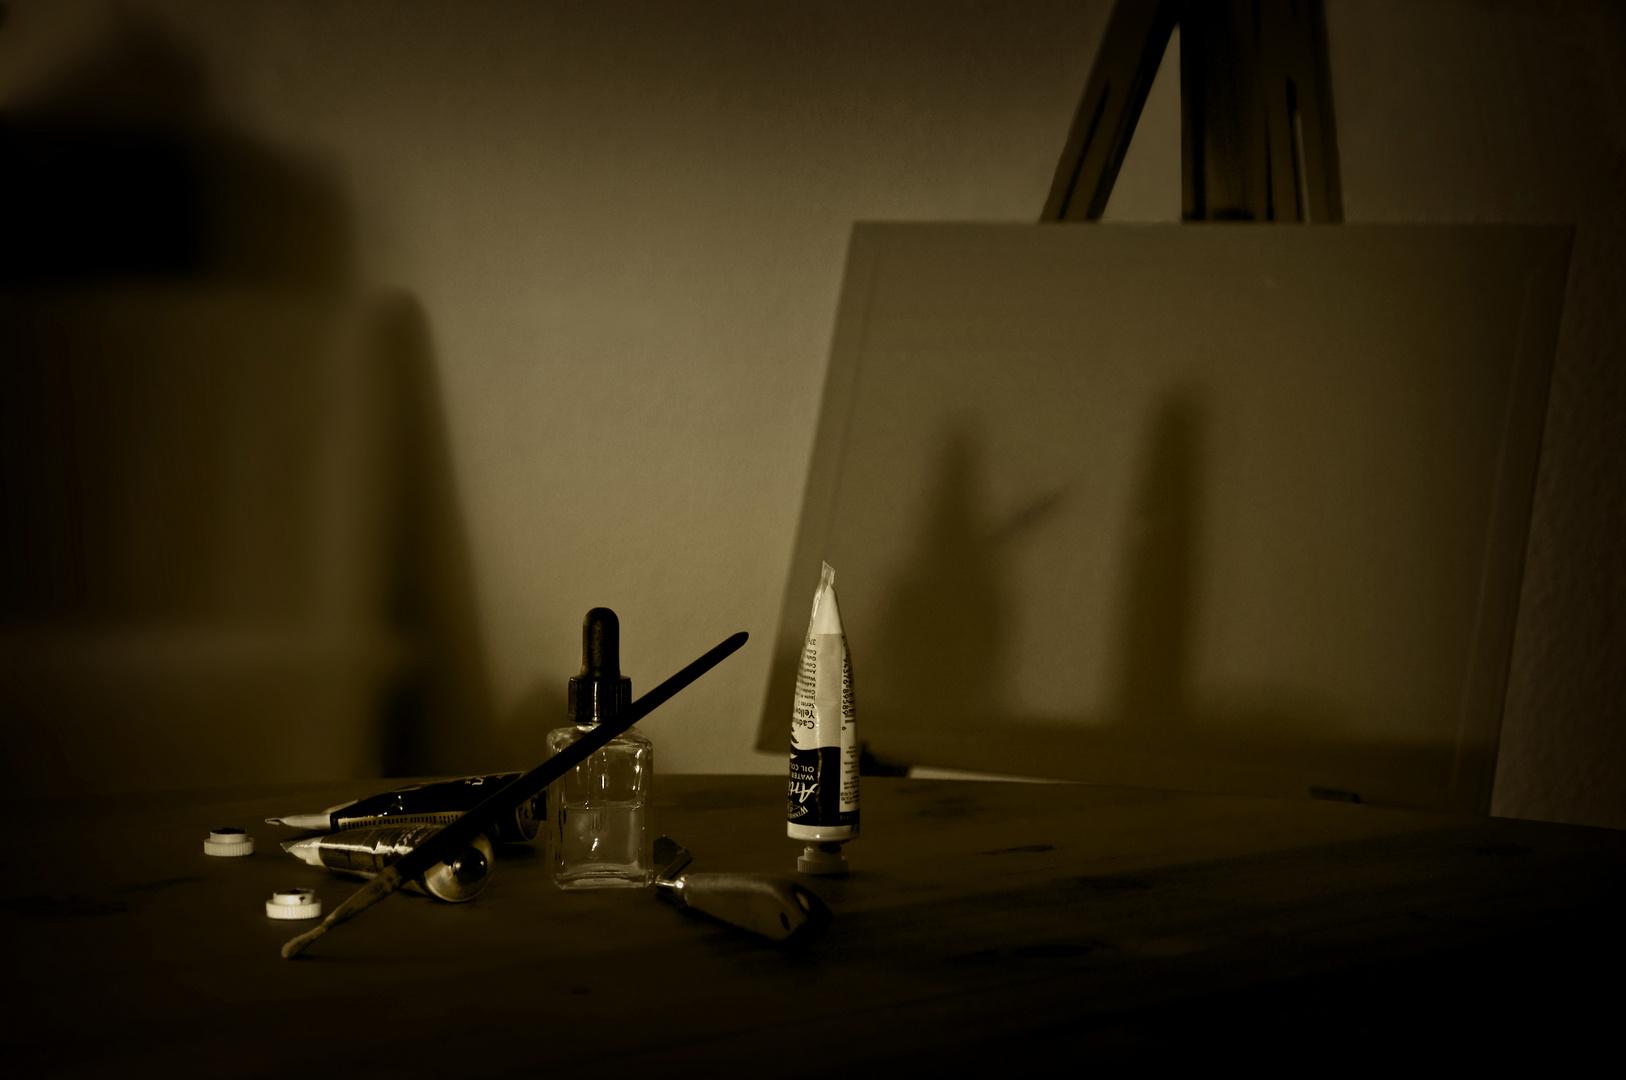 L'ombre qui peint - Der Schatten der malt